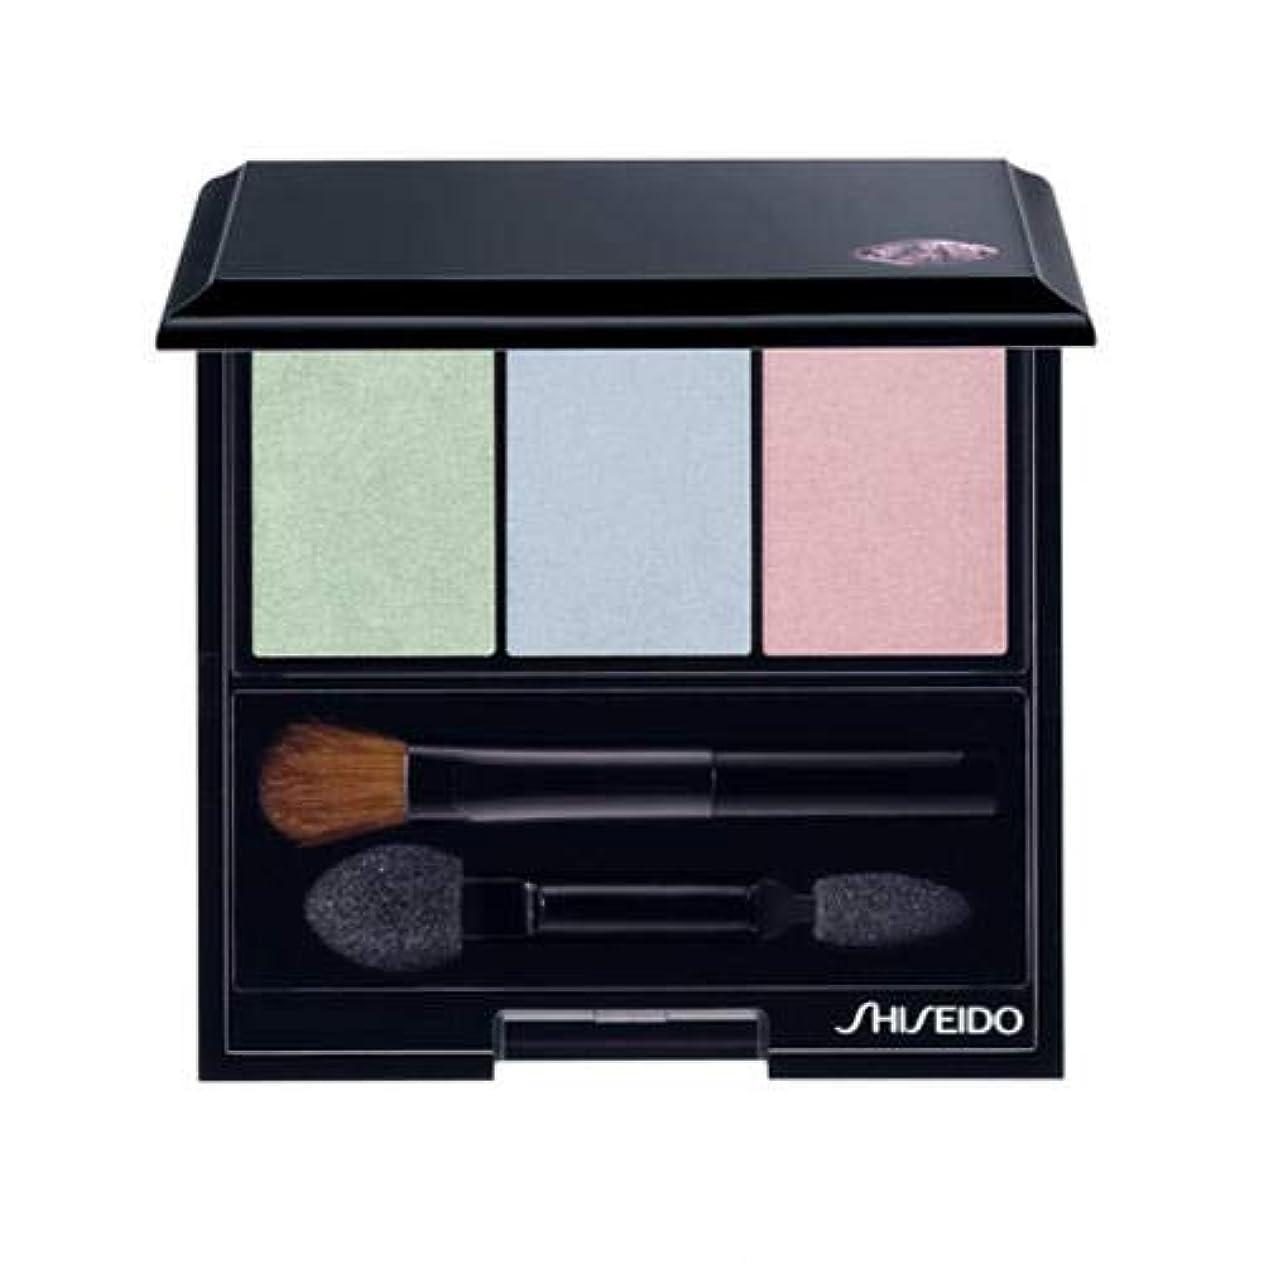 多様なステージ倒錯資生堂 ルミナイジング サテン アイカラー トリオ BL215(Shiseido Luminizing Satin Eye Color Trio BL215) [並行輸入品]